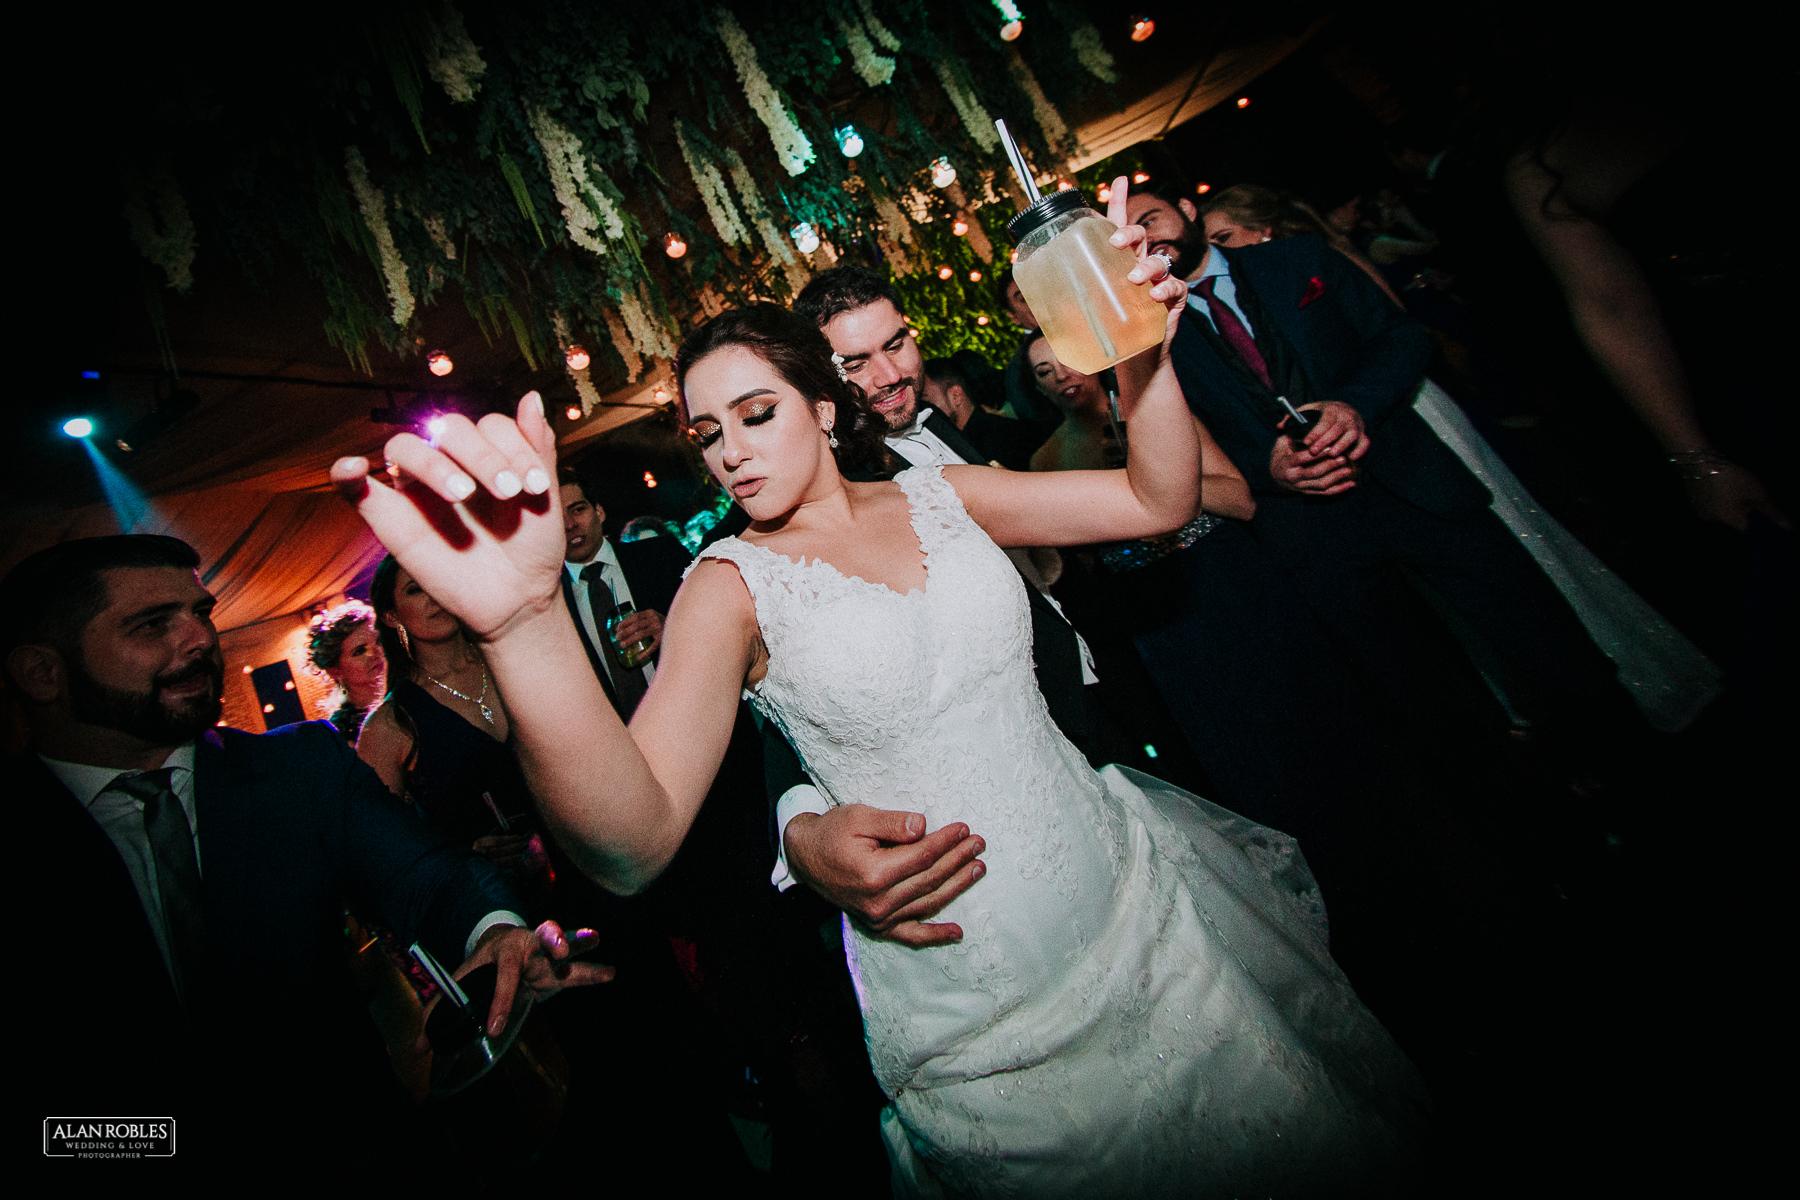 Fotografo de bodas Alan Robles-Casa Clementina Guadalajara DyA-85